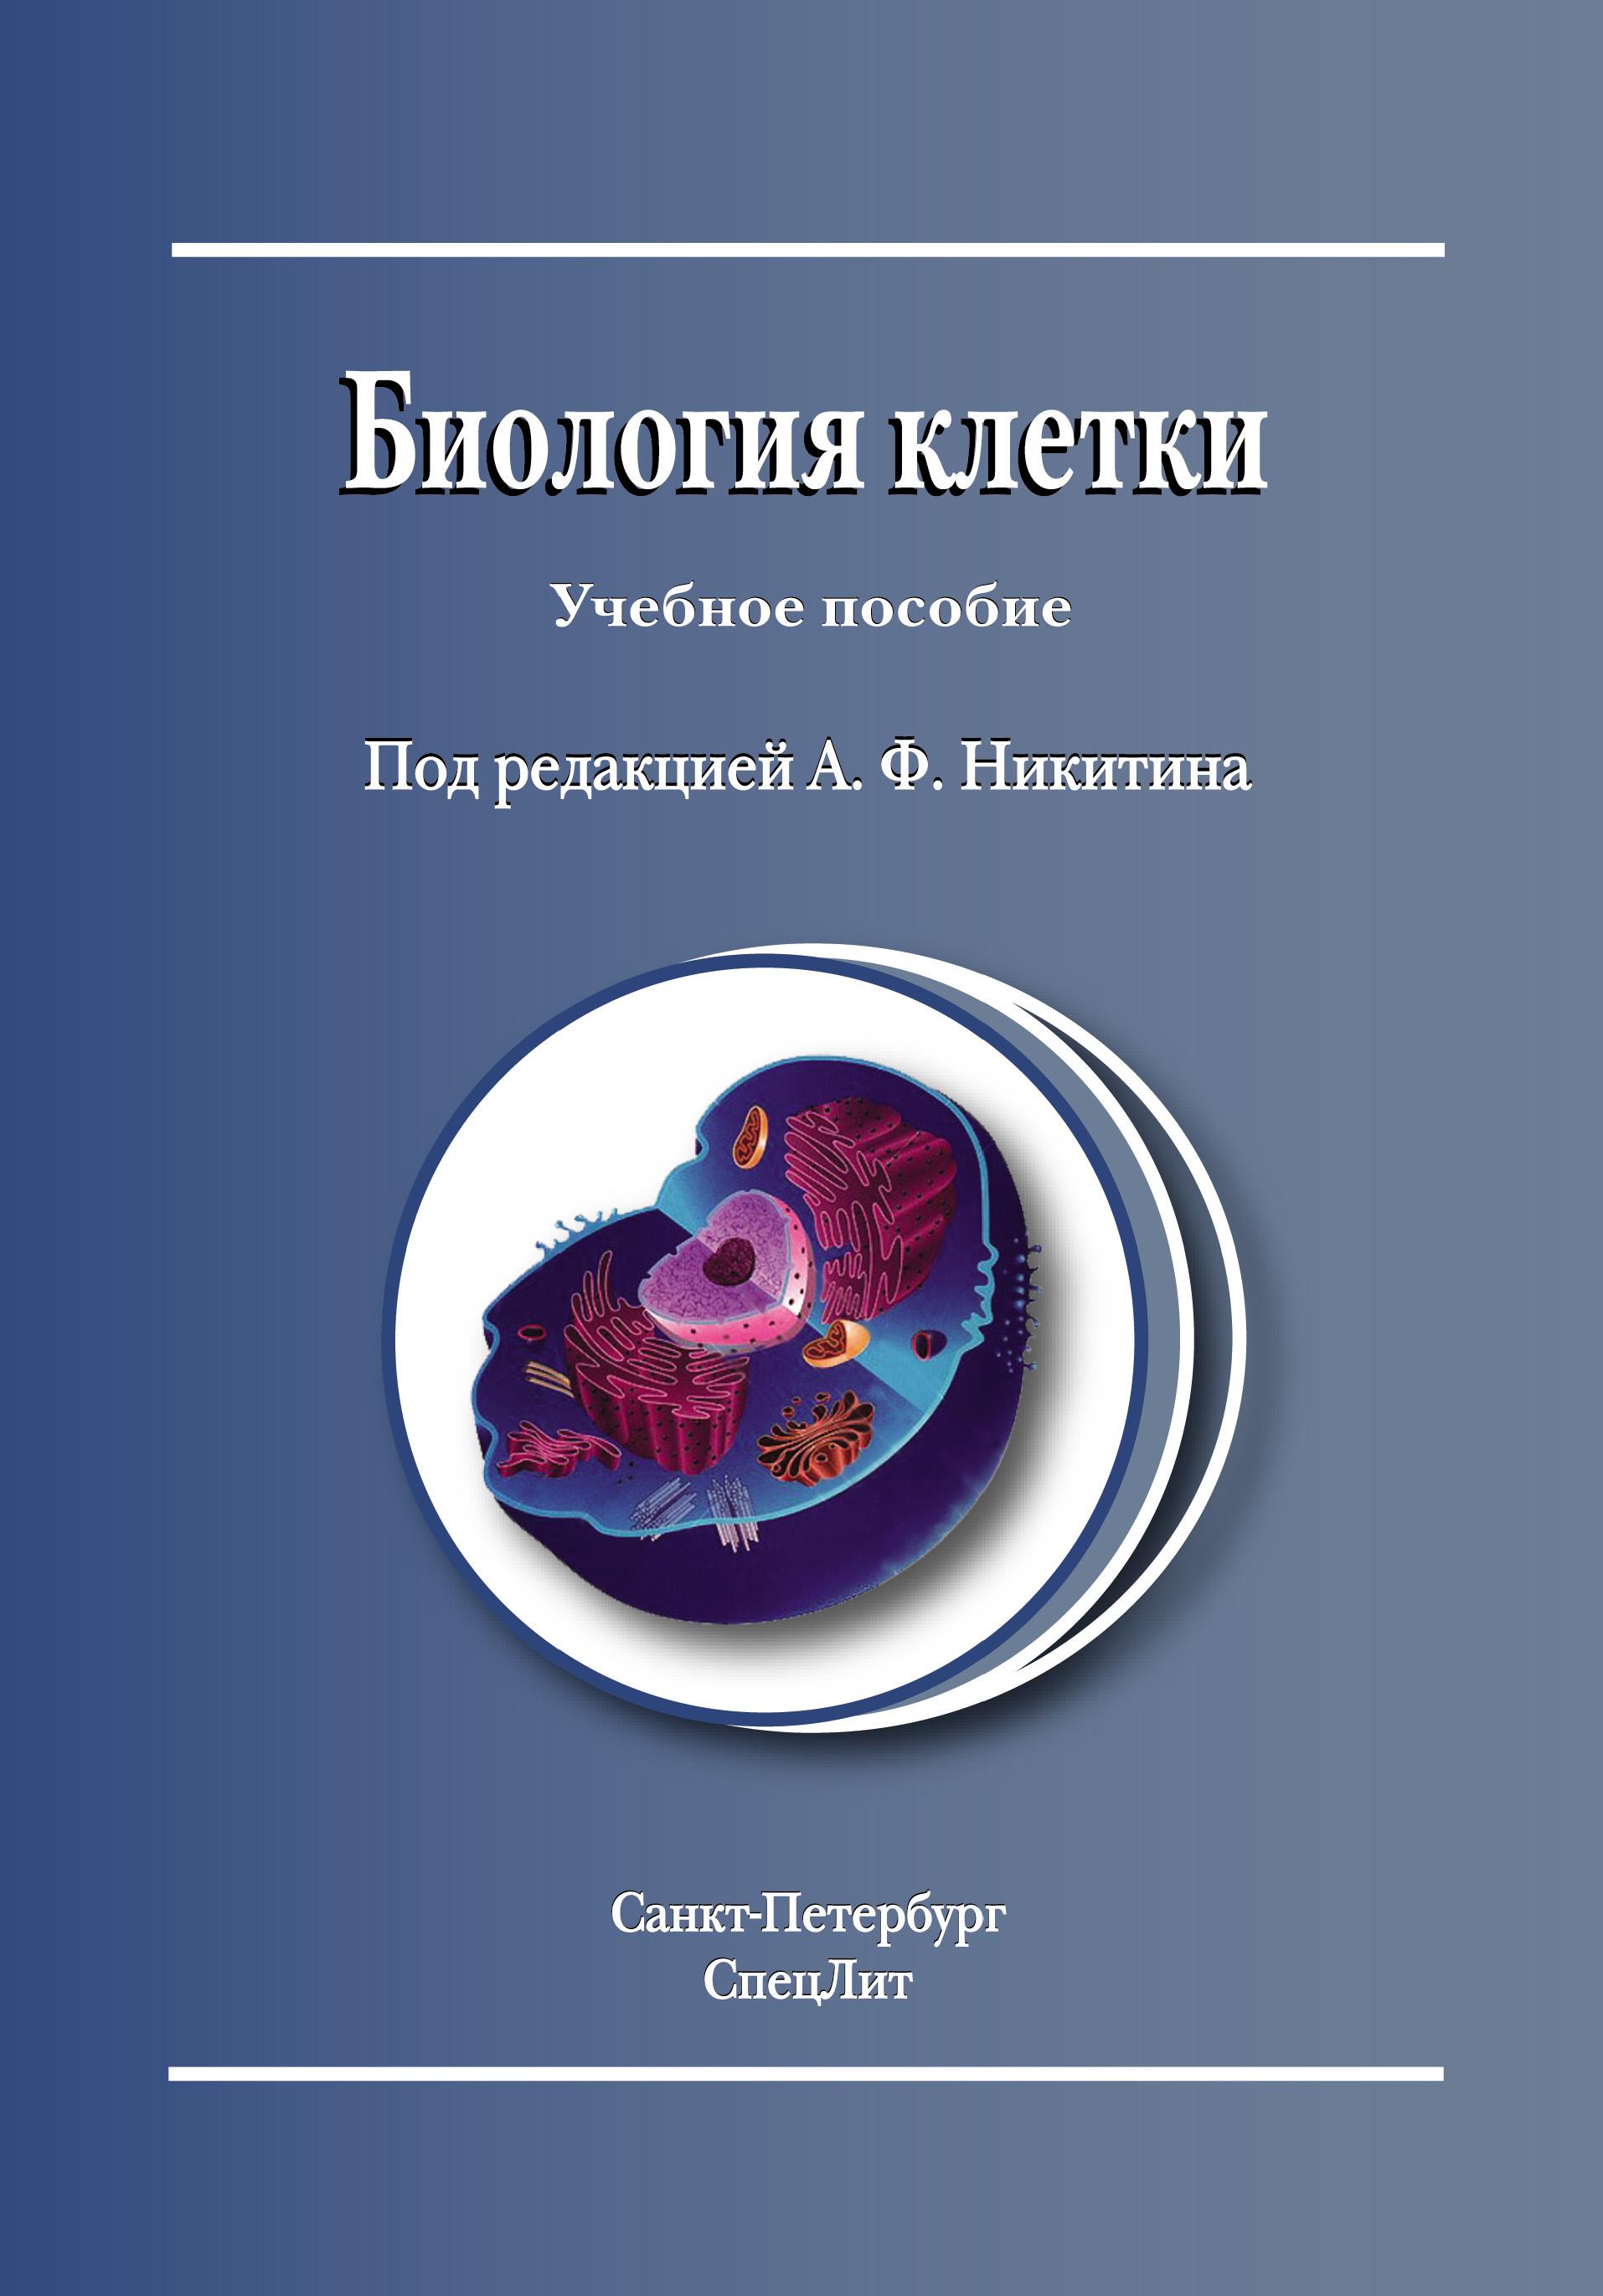 Коллектив авторов Биология клетки о в камзолкина биология грибной клетки